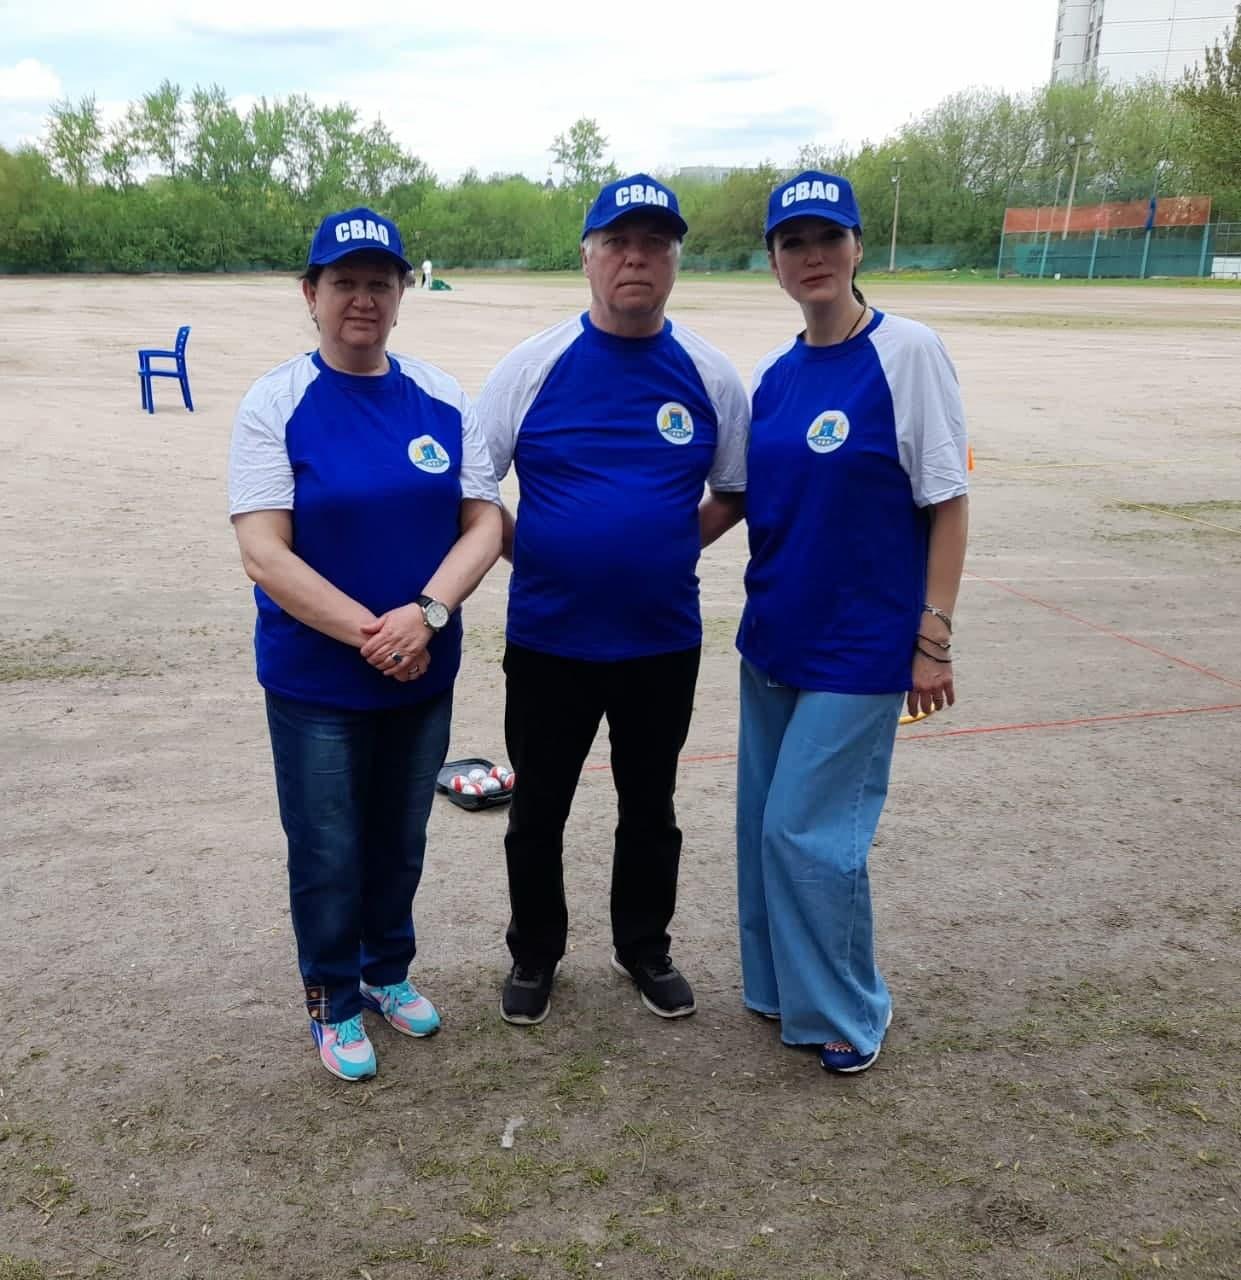 Команда по петанку из Останкино стала призером на соревнованиях